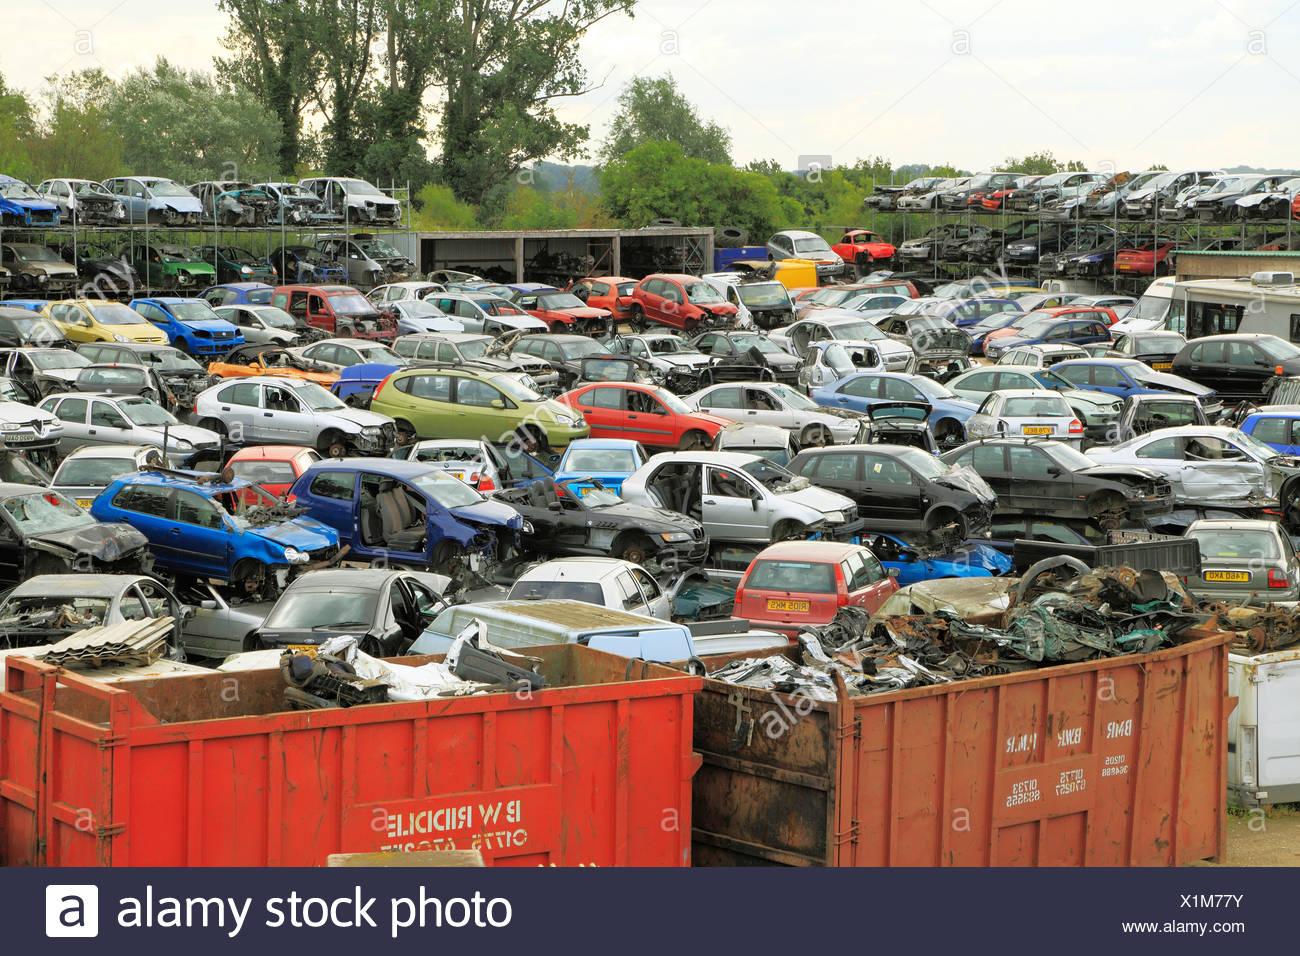 Véhicules accidentés Dump , Cour de récupération, recyclage ferrailles voitures dépôt dépôts dépôts de véhicules Wereham Norfolk England UK Photo Stock